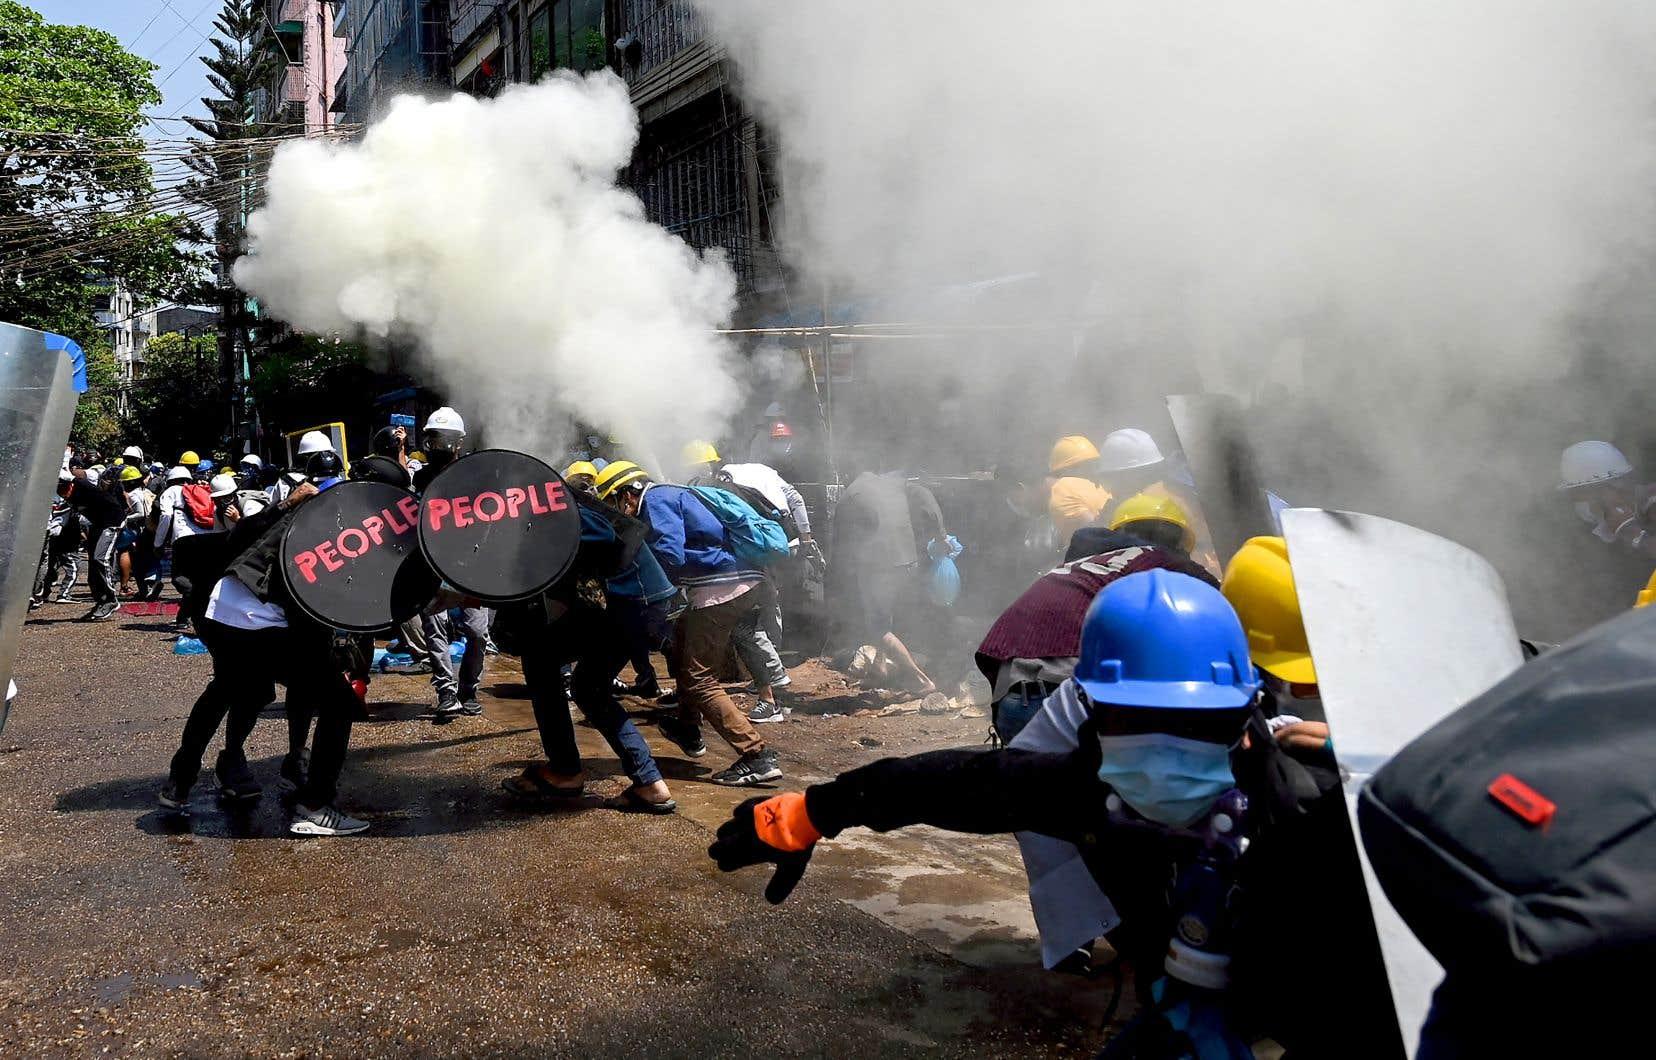 L'armée et la police ont fait usage de gaz lacrymogène, de munitions en caoutchouc, mais aussi de balles réelles pour disperser des rassemblements pour la démocratie.